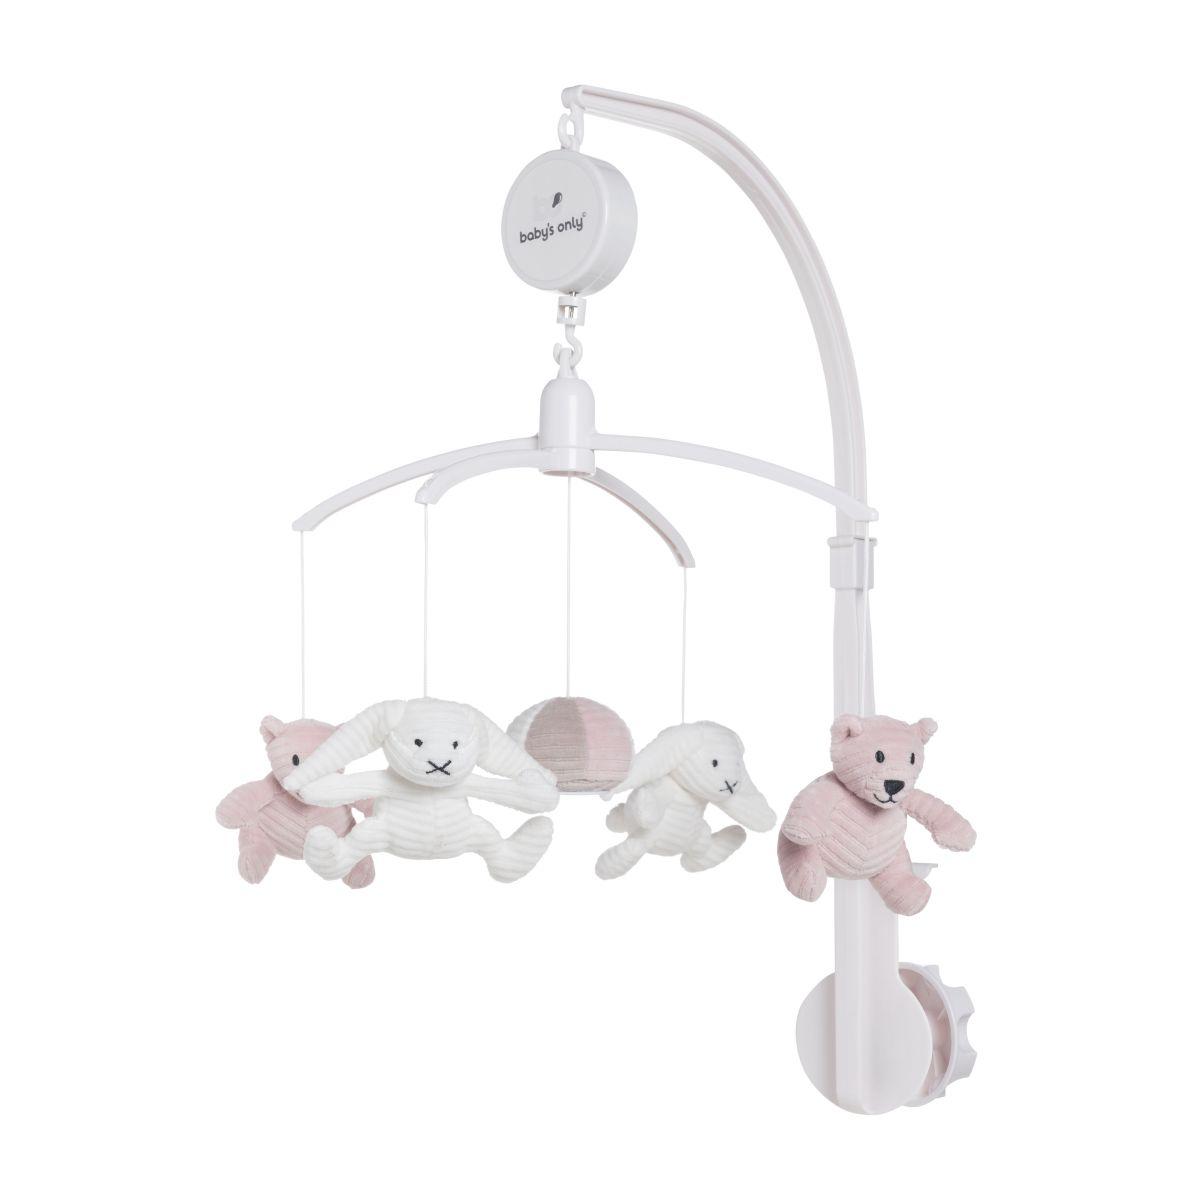 babys only bo024023056 sense muziekmobiel oud roze 1